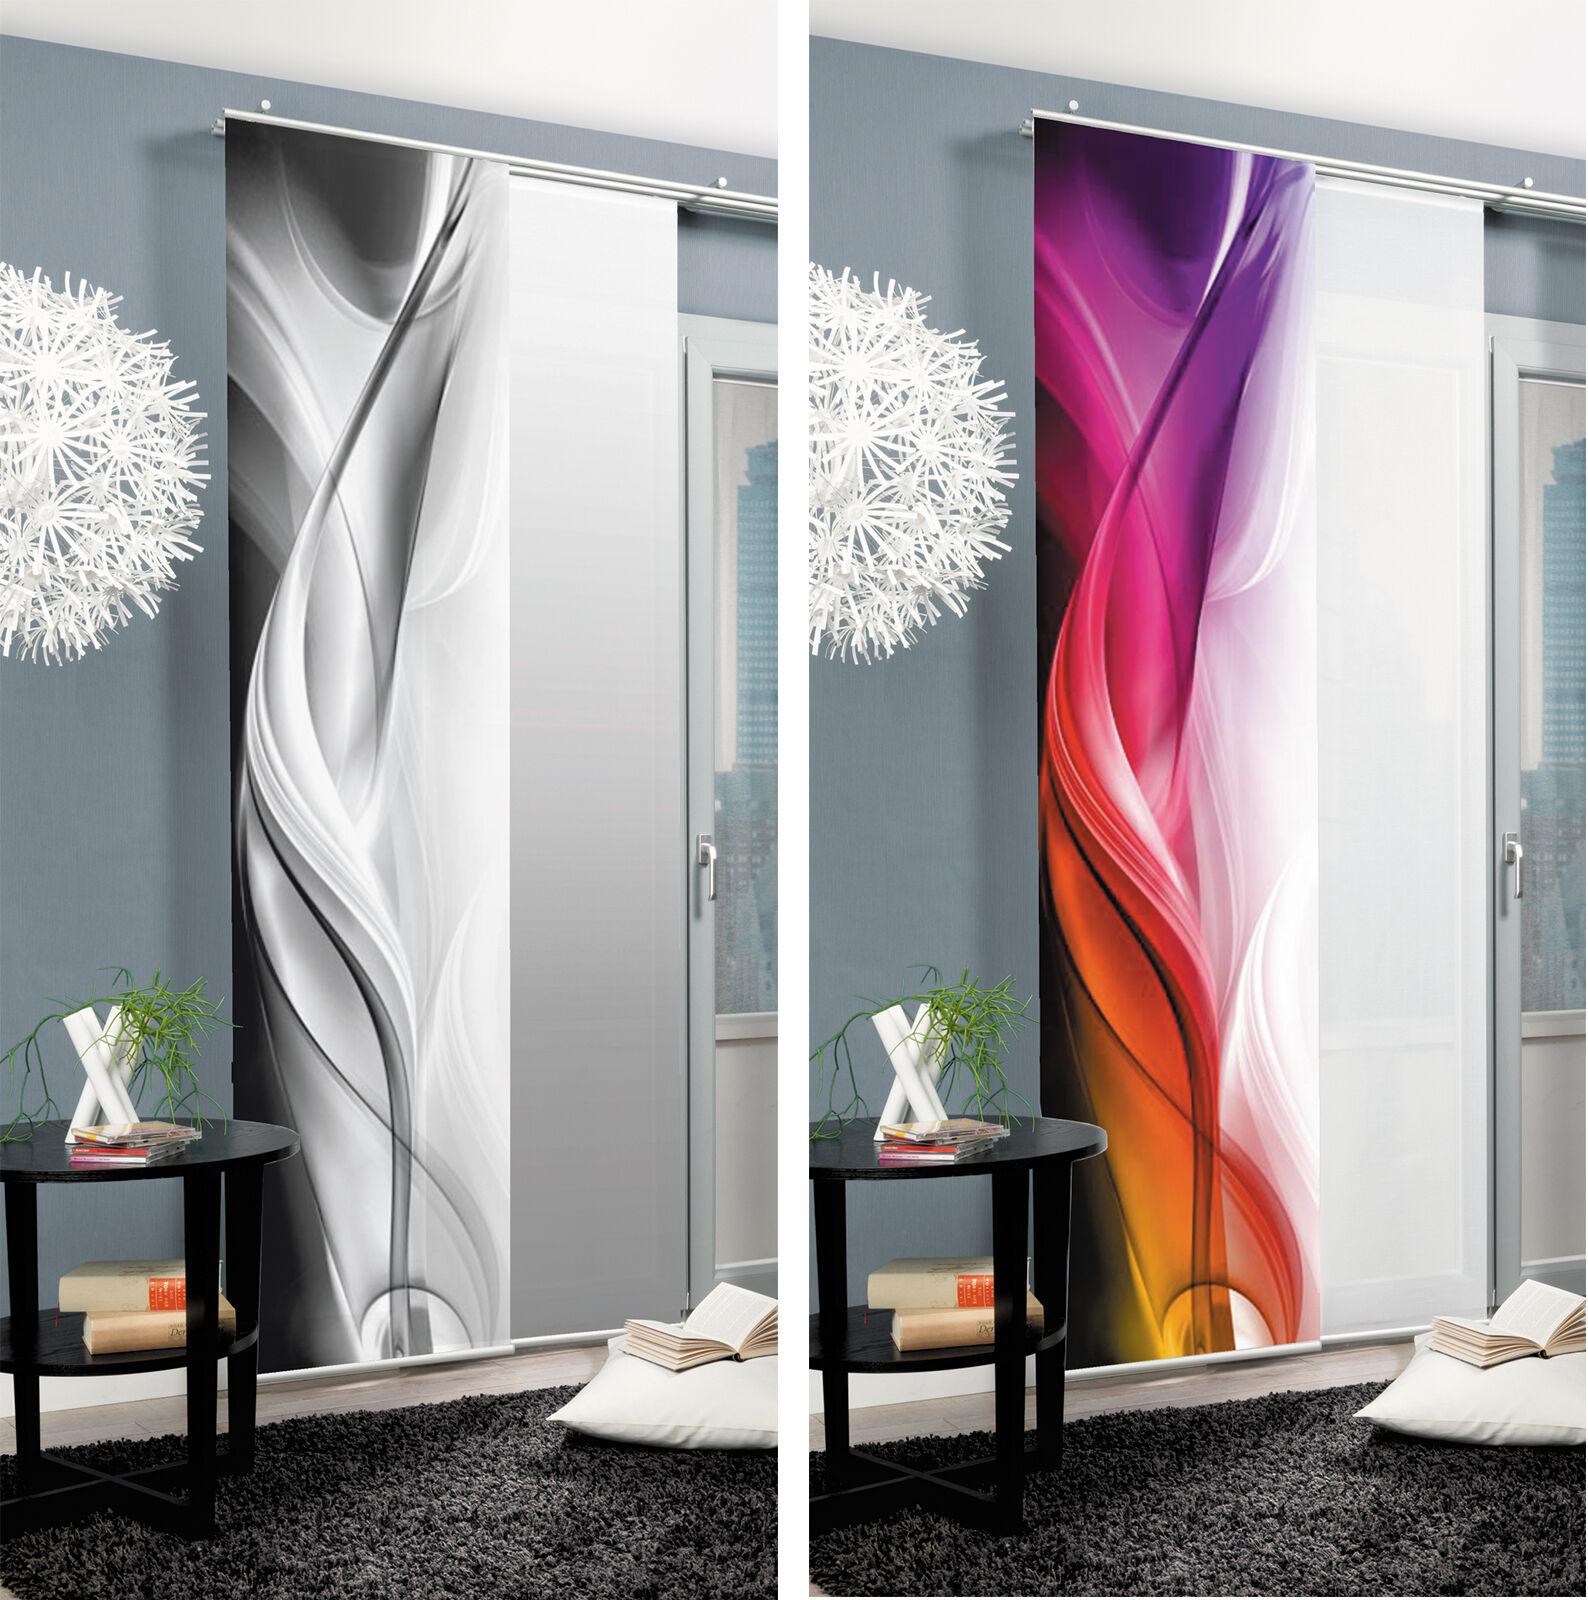 Cool Halifax Schiebevorhang Schiebegardine Raumteiler digital Home  DK05